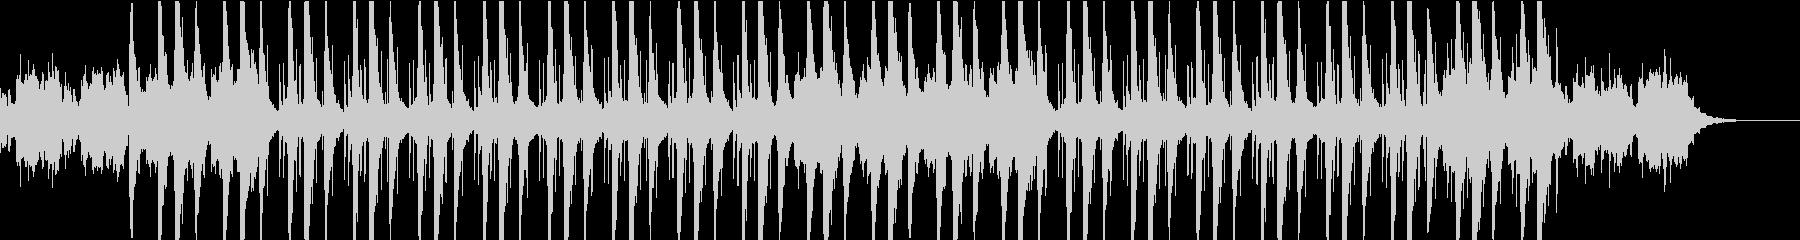 静かで落ち着くチル・ヒップホップの未再生の波形